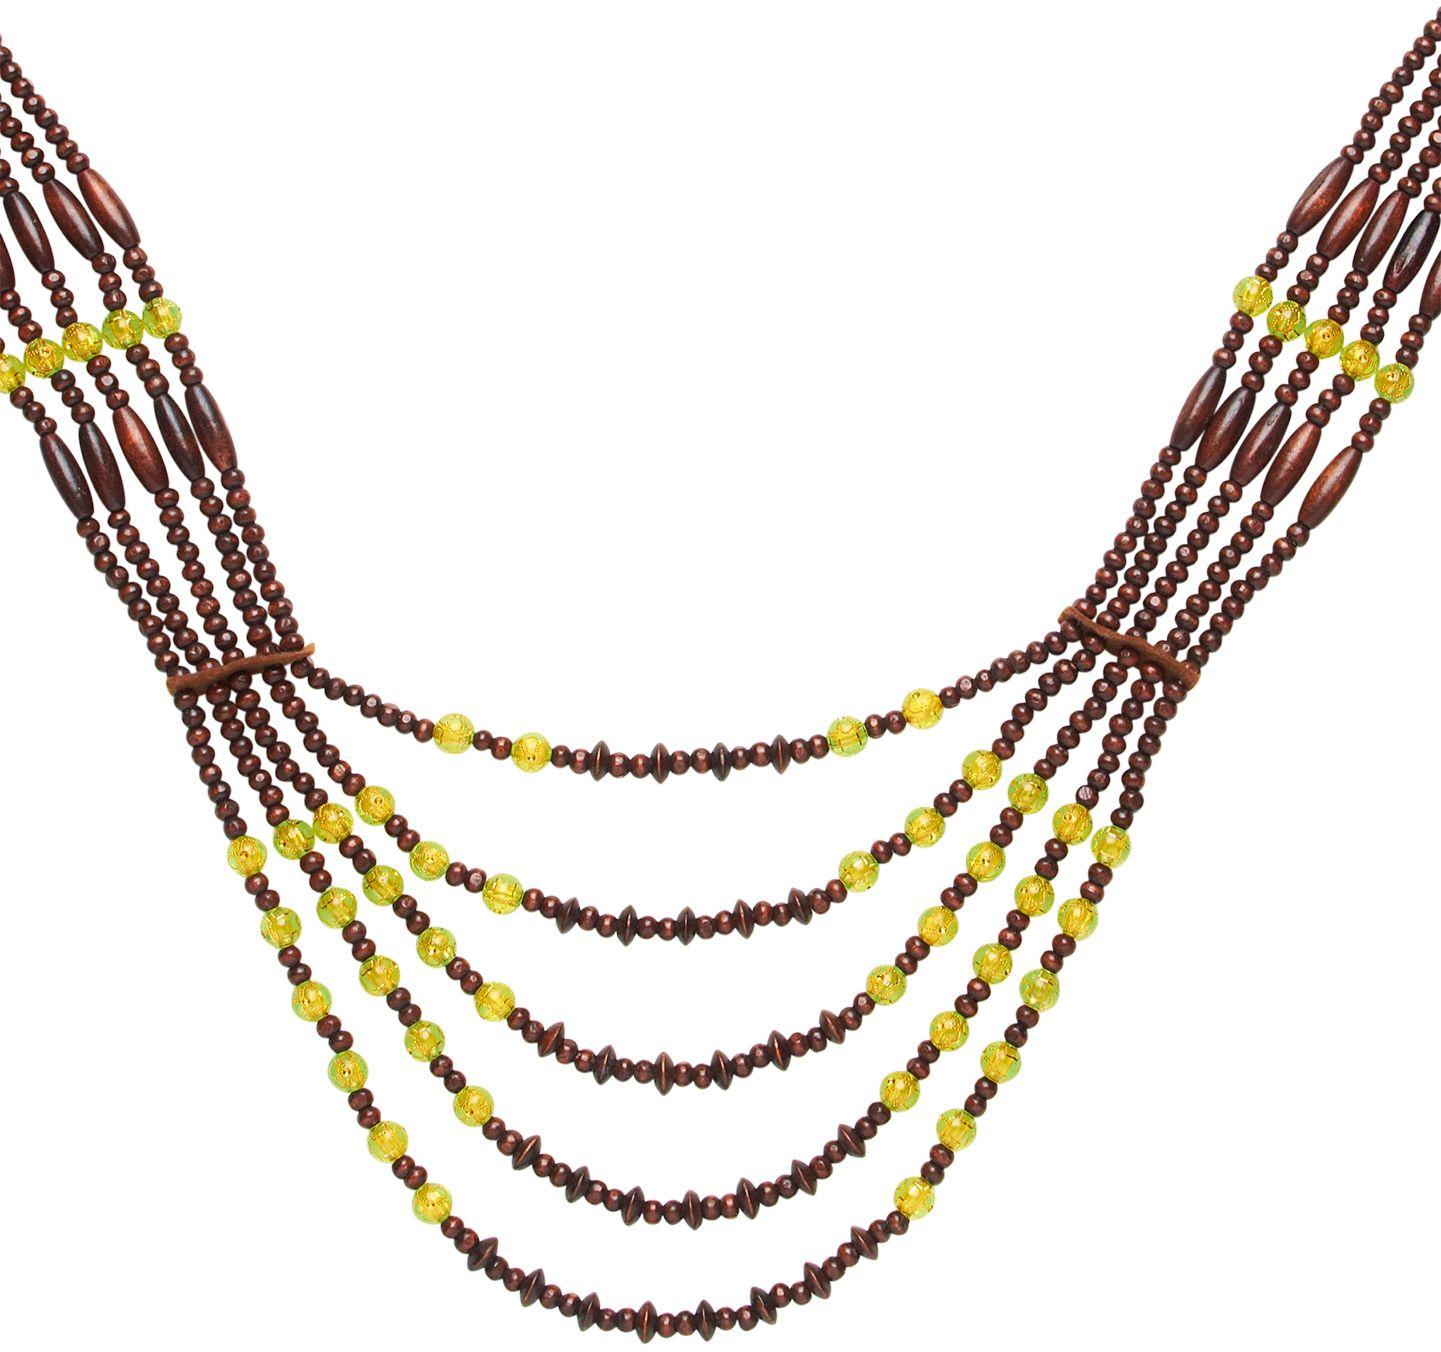 Bruine afrikaanse stammen ketting